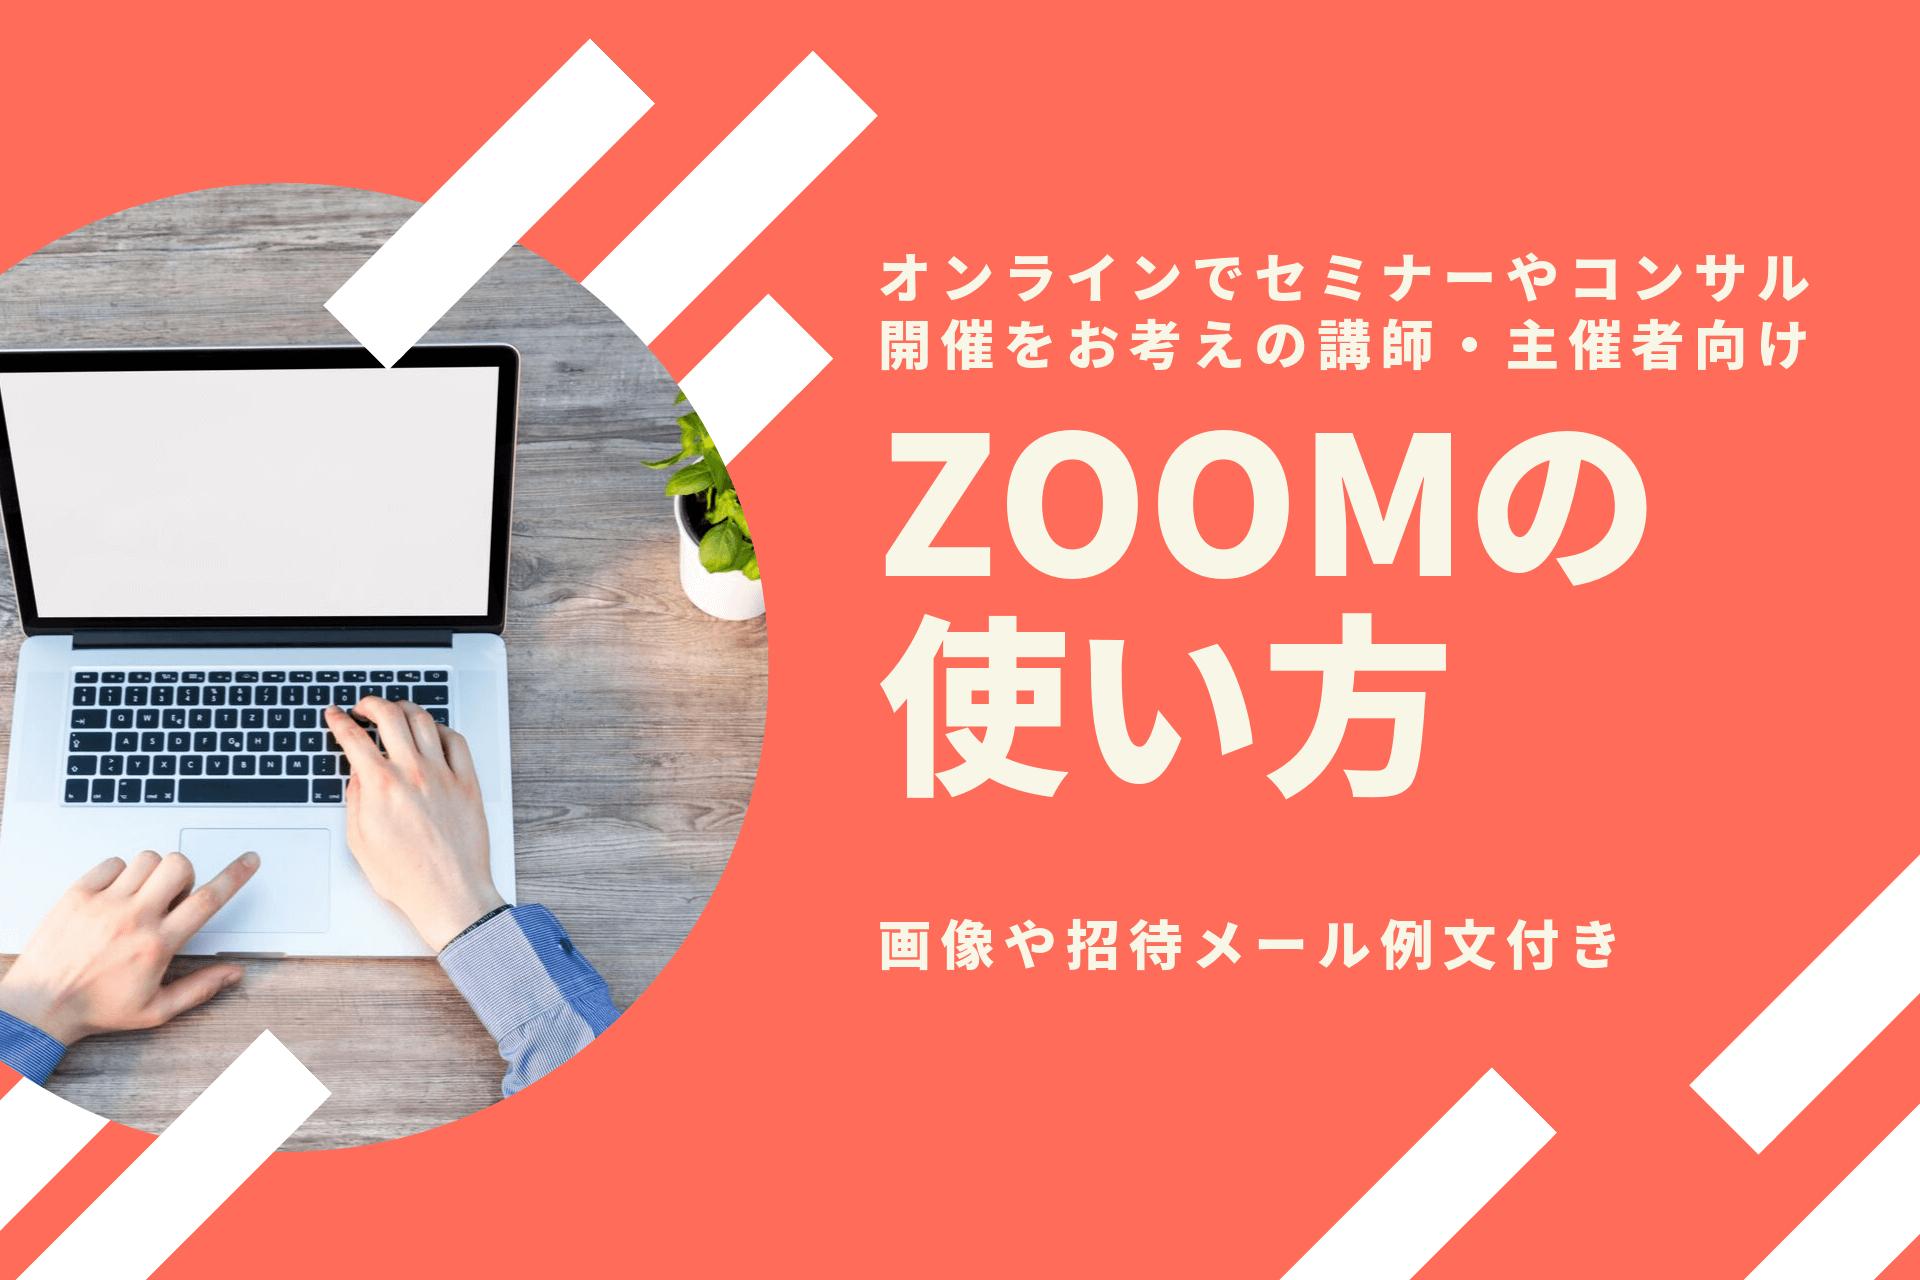 ZOOM無料プランでコンサルやセミナーを開催してみよう【入門編】